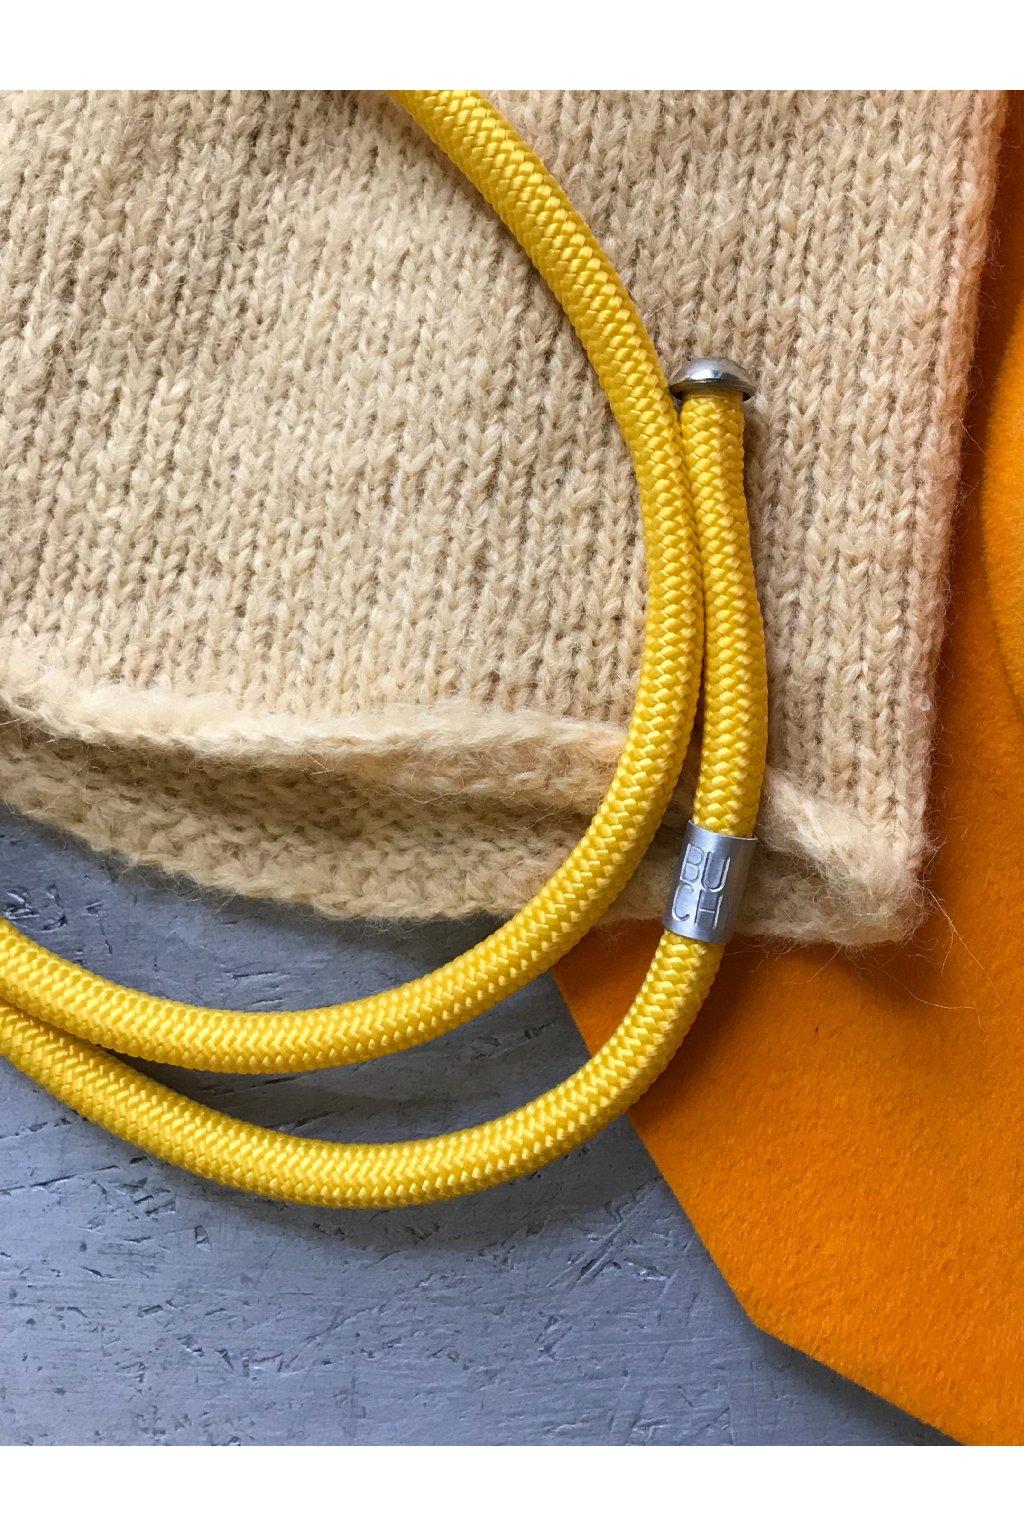 Kruhový žlutý náhrdelník 6